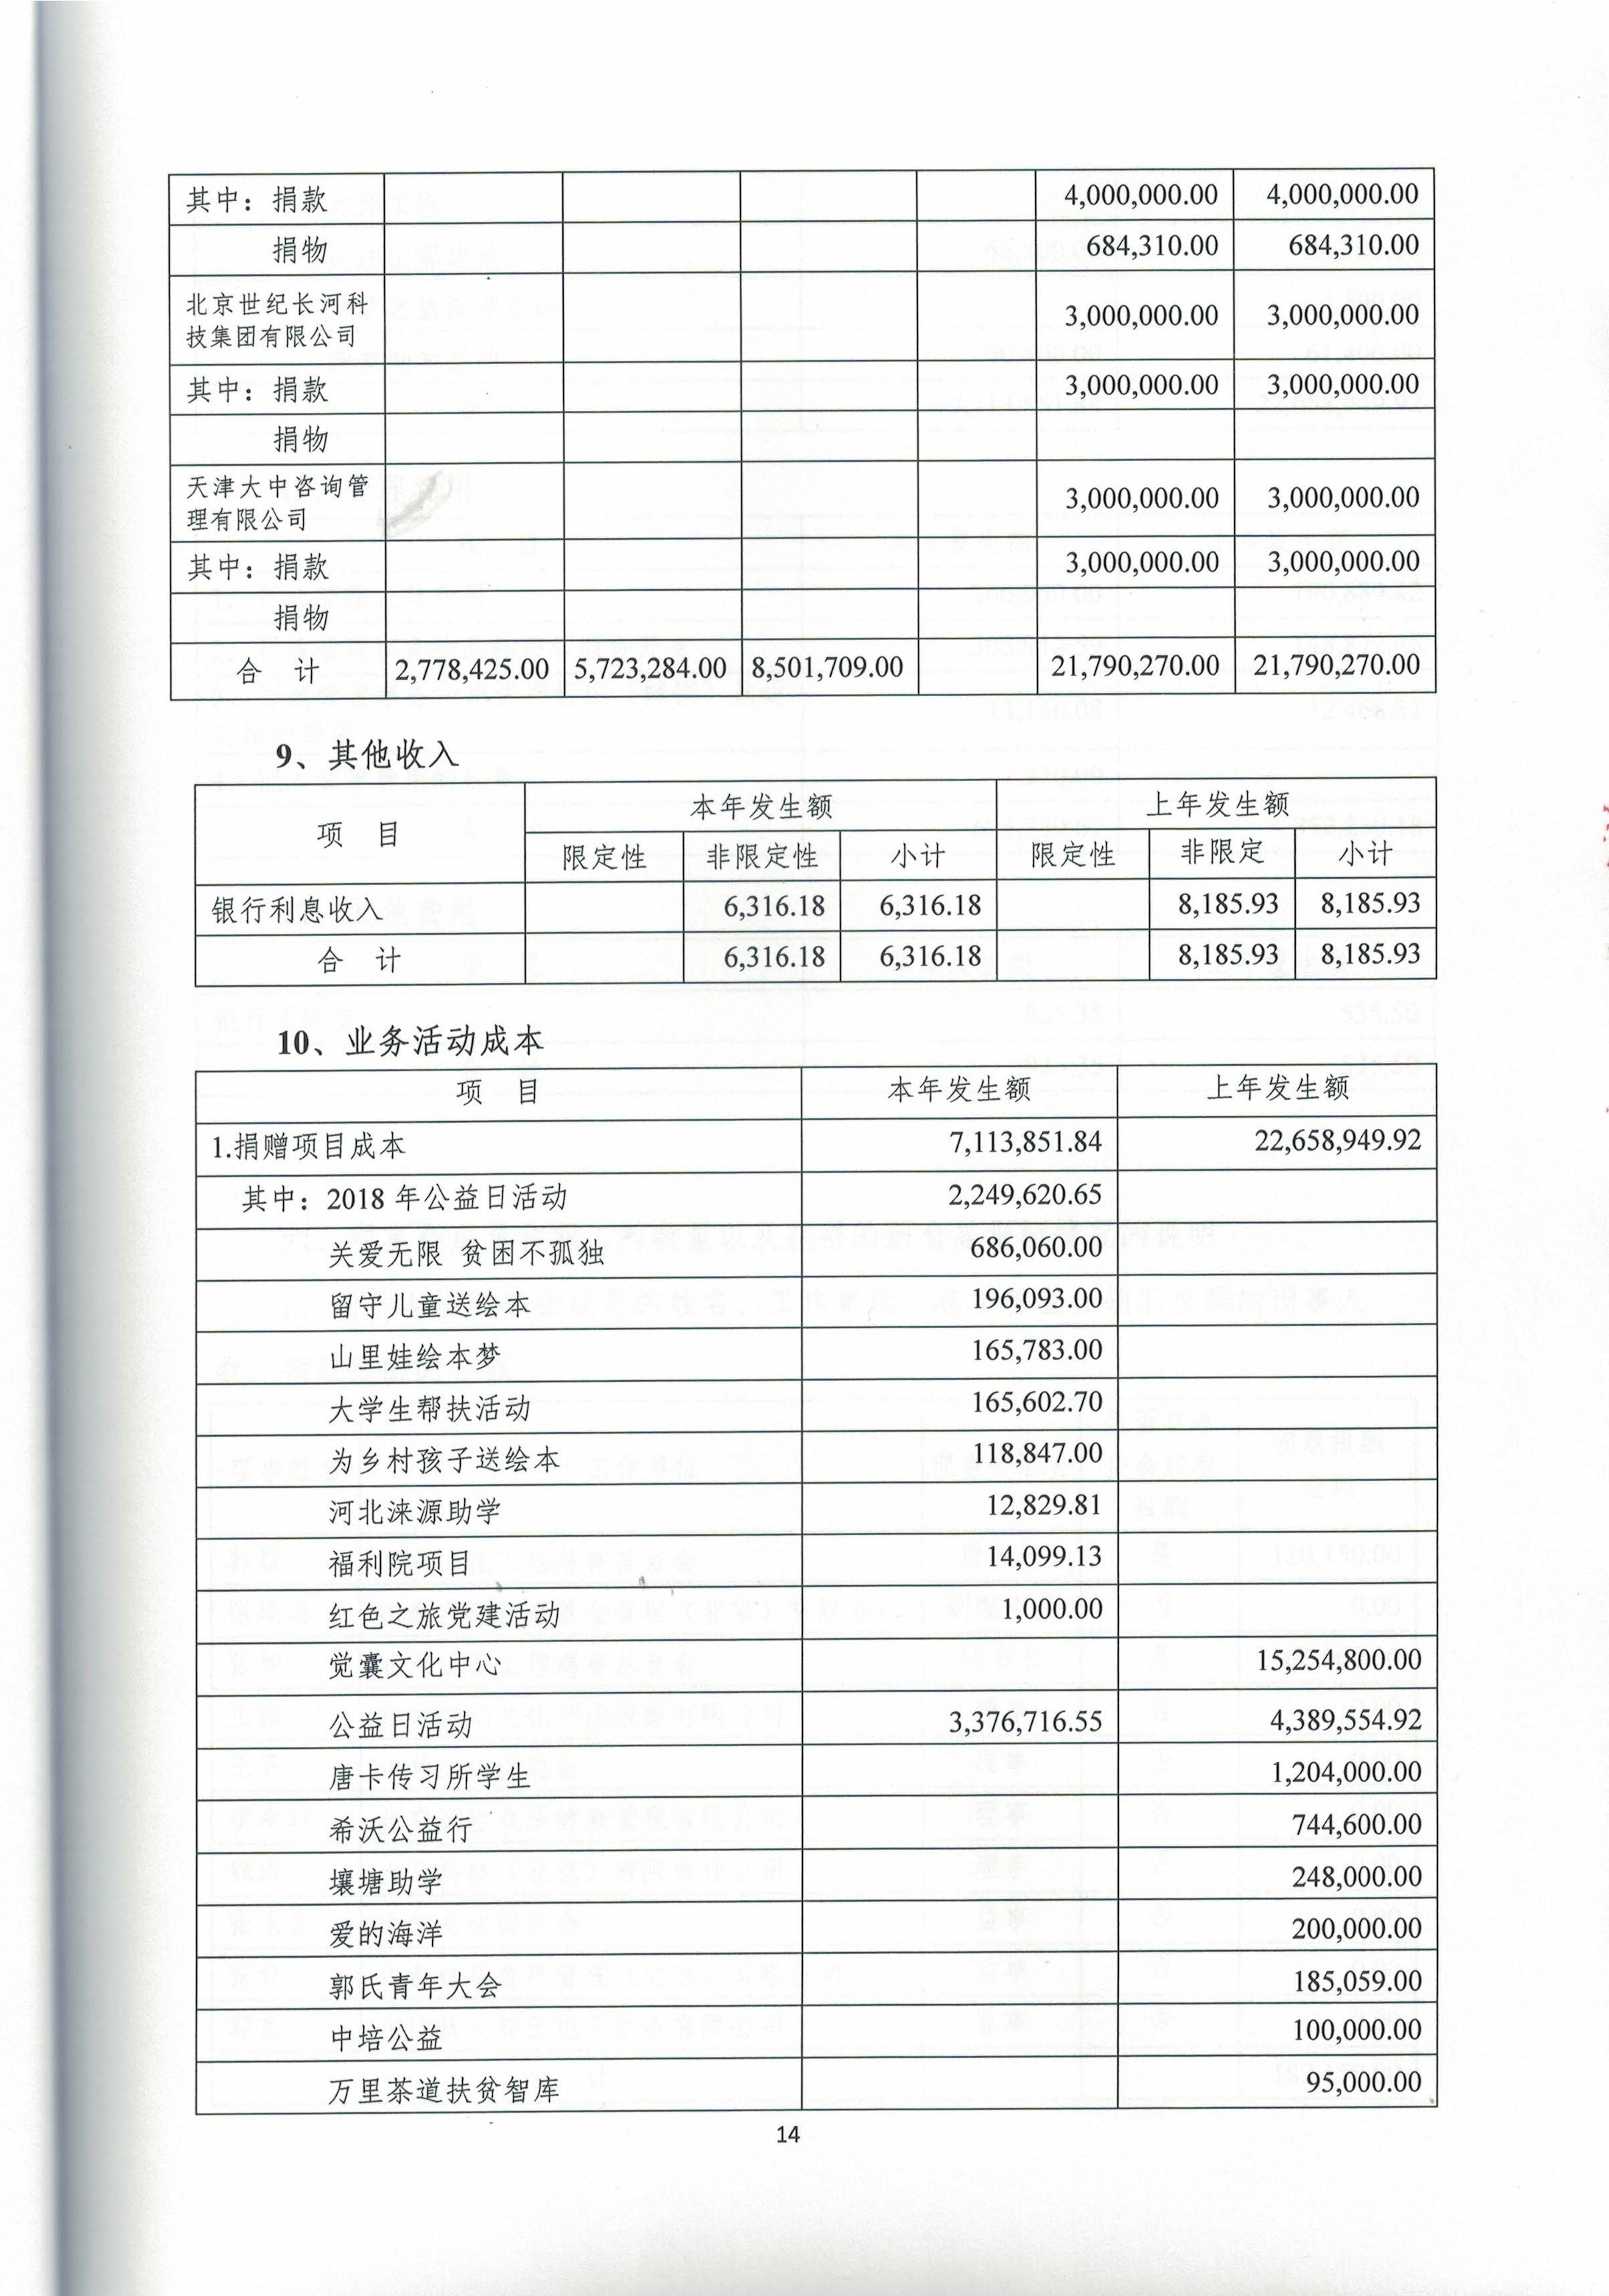 2018审计报告_页面_16